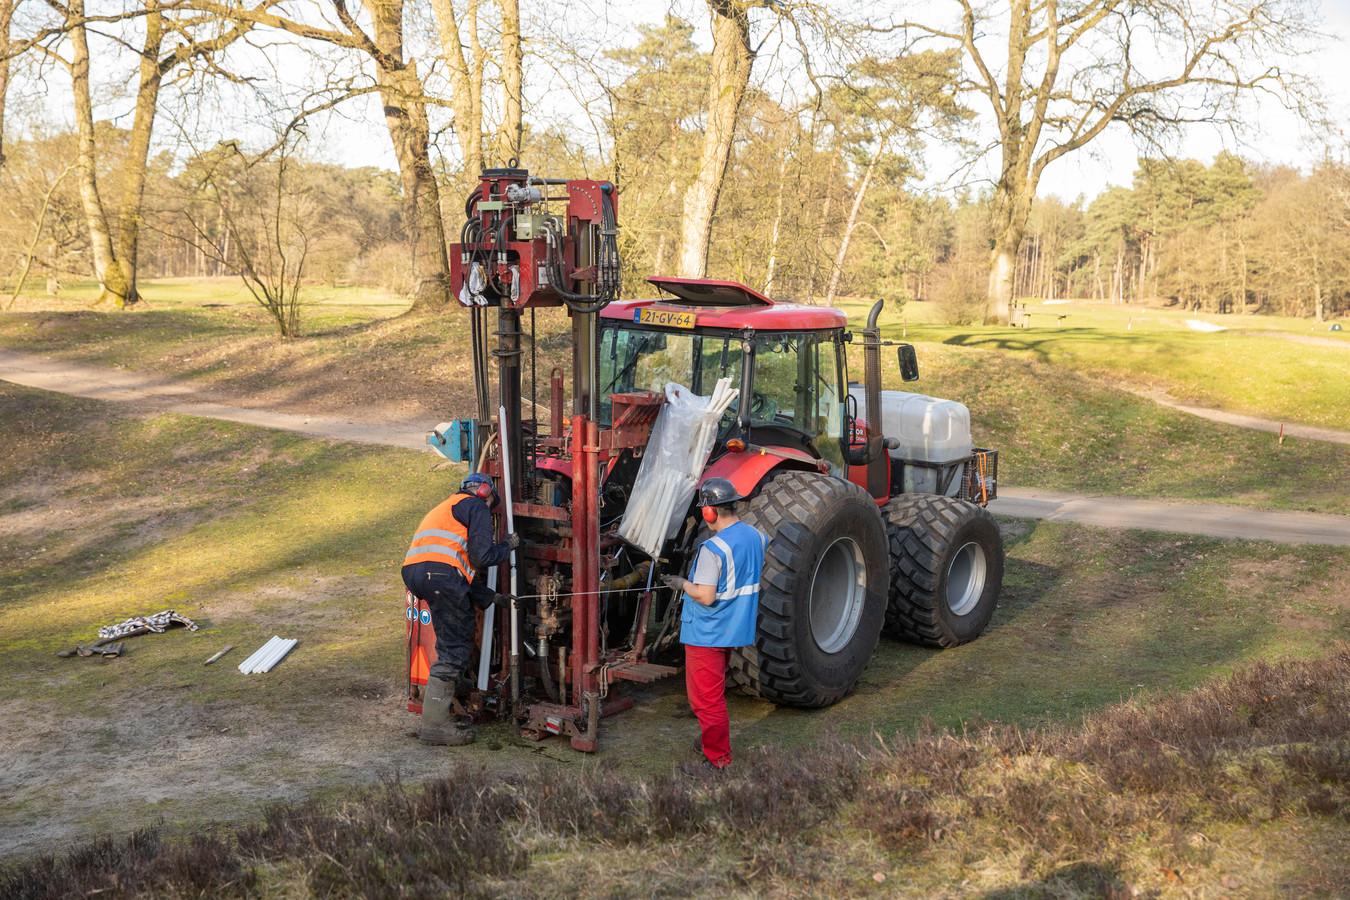 Op verschillende plekken in Midden-Nederland wordt seismisch onderzoek gedaan, zoals hier bij Baarn.